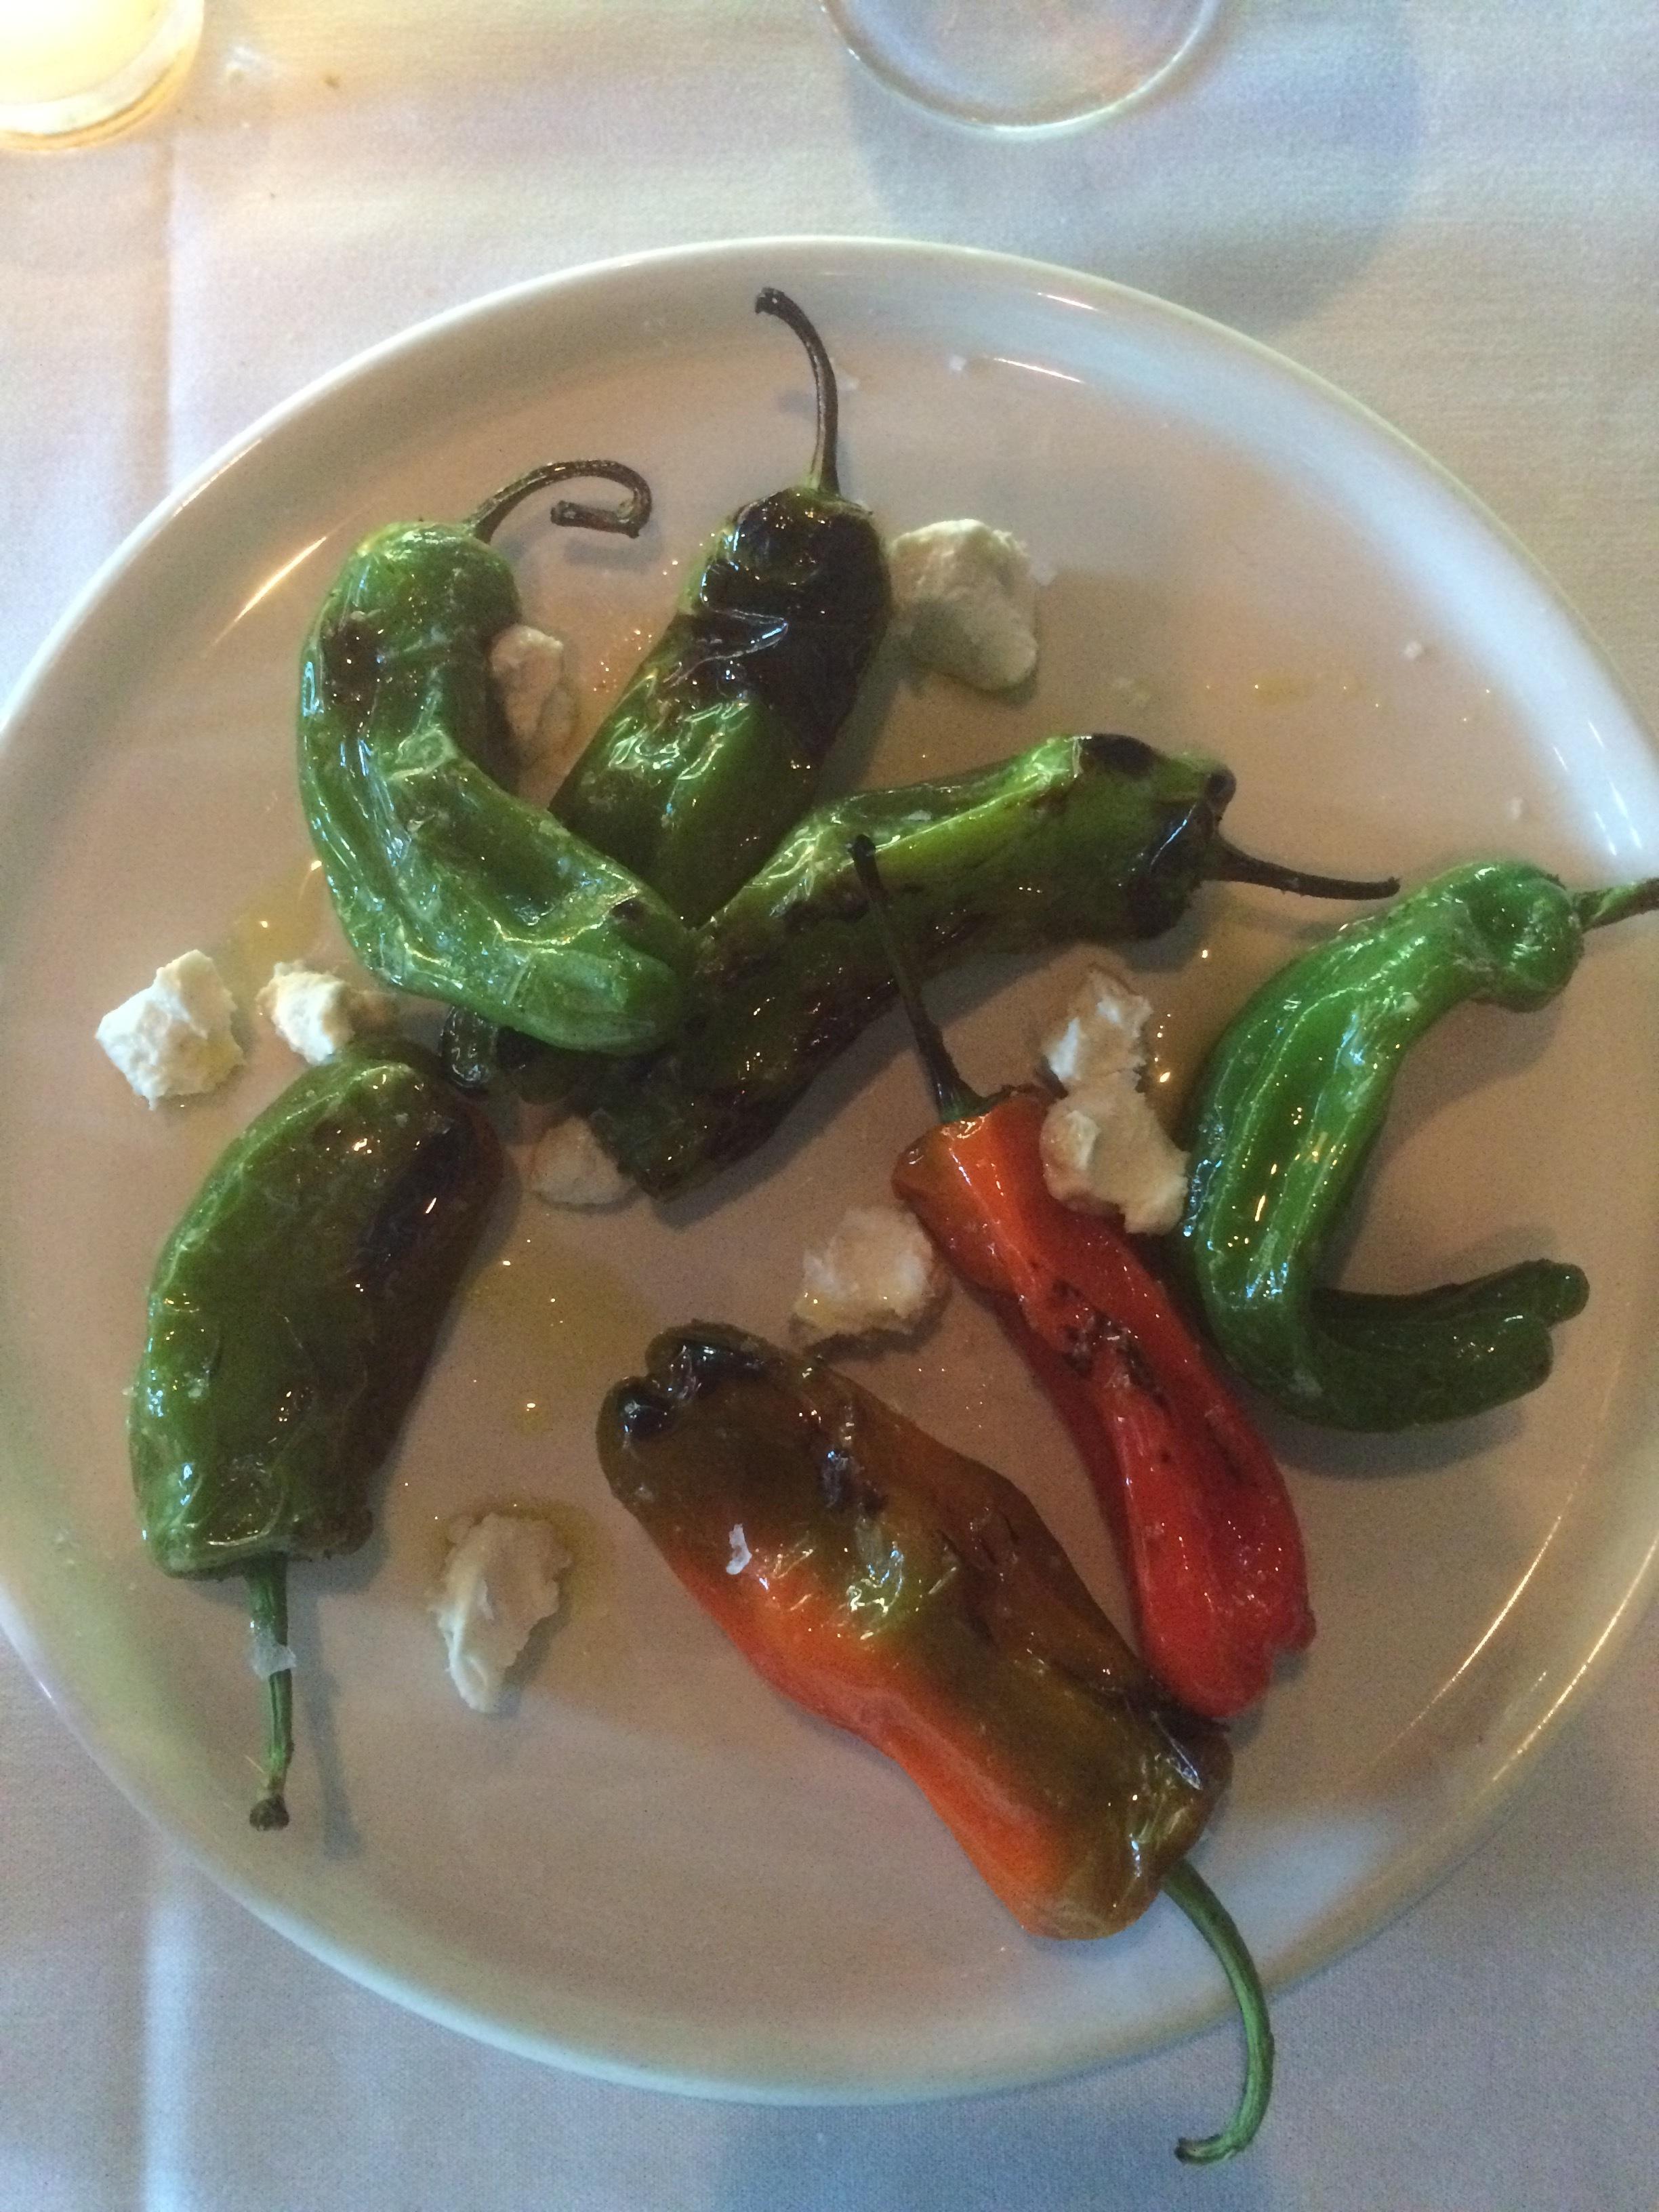 Shishito peppers. $13